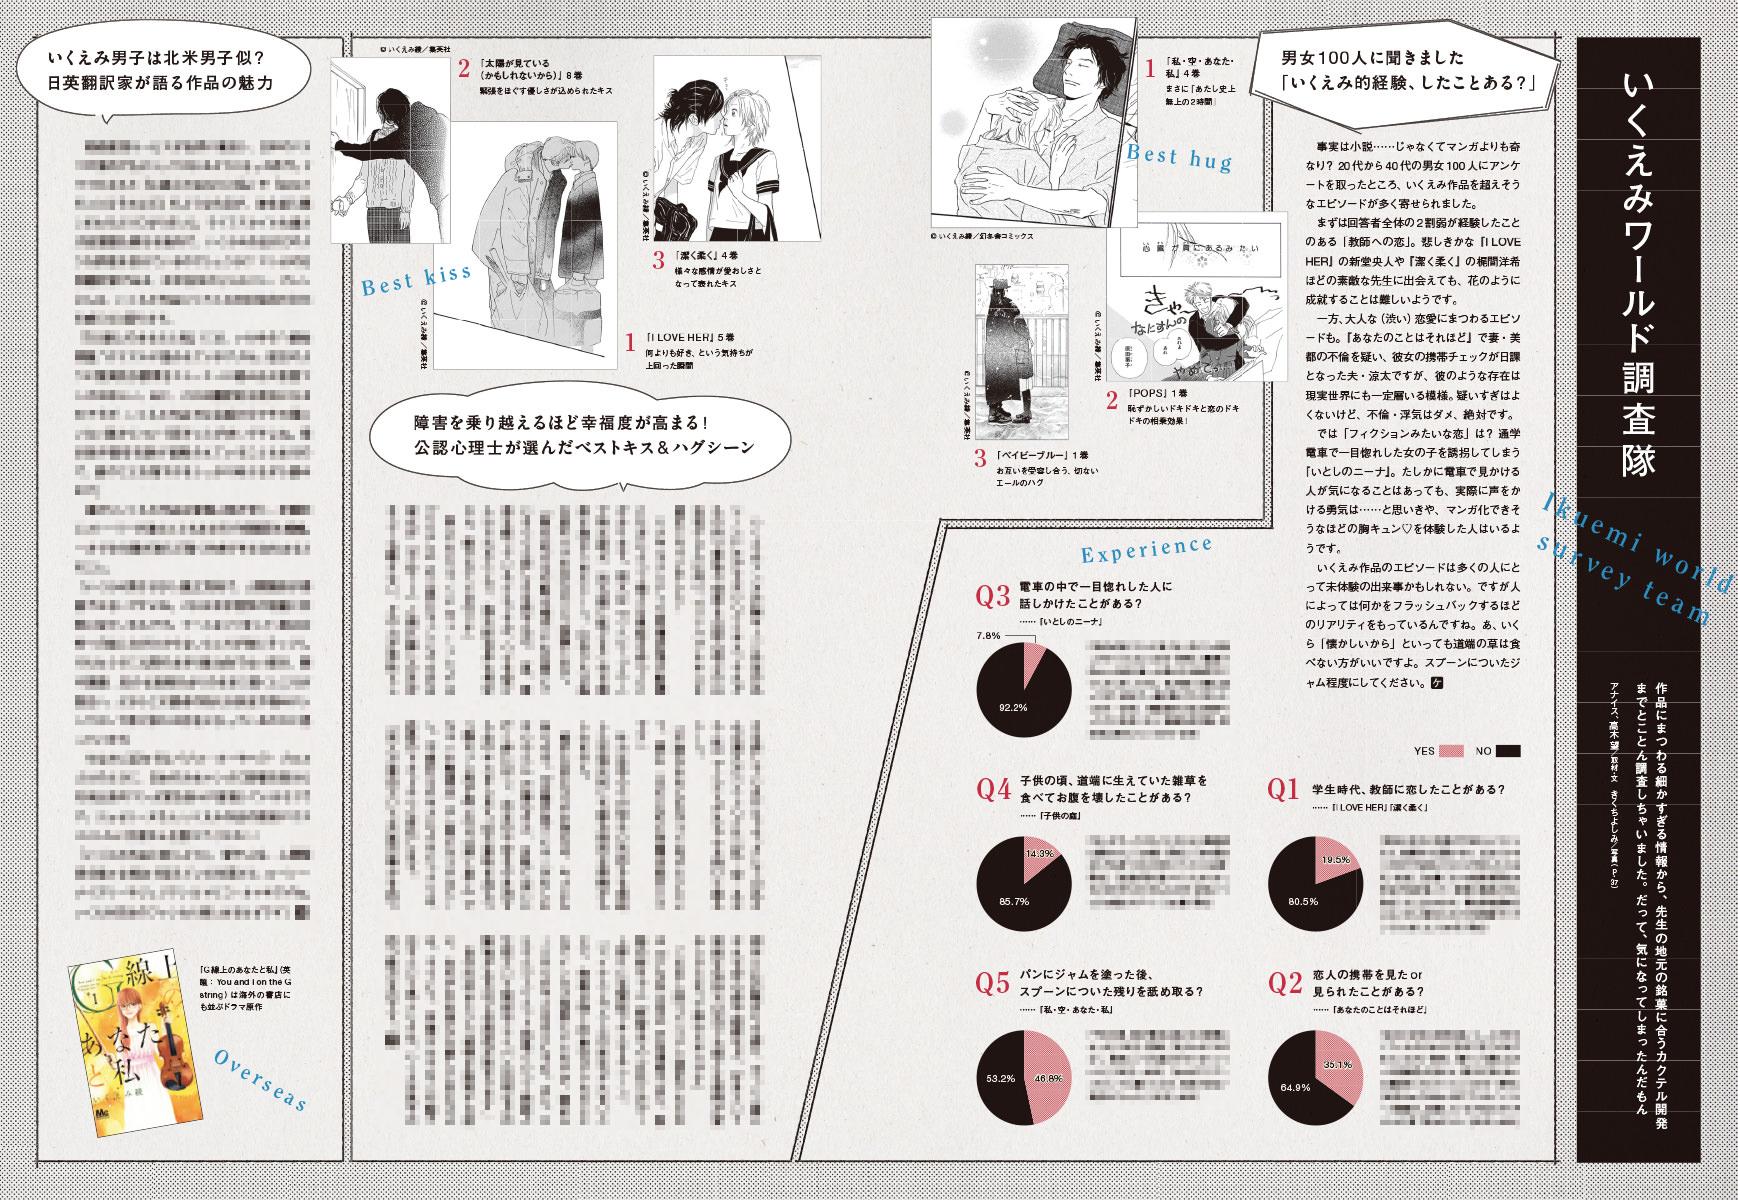 『ケトル VOL.57』いくえみ綾特集号サンプル